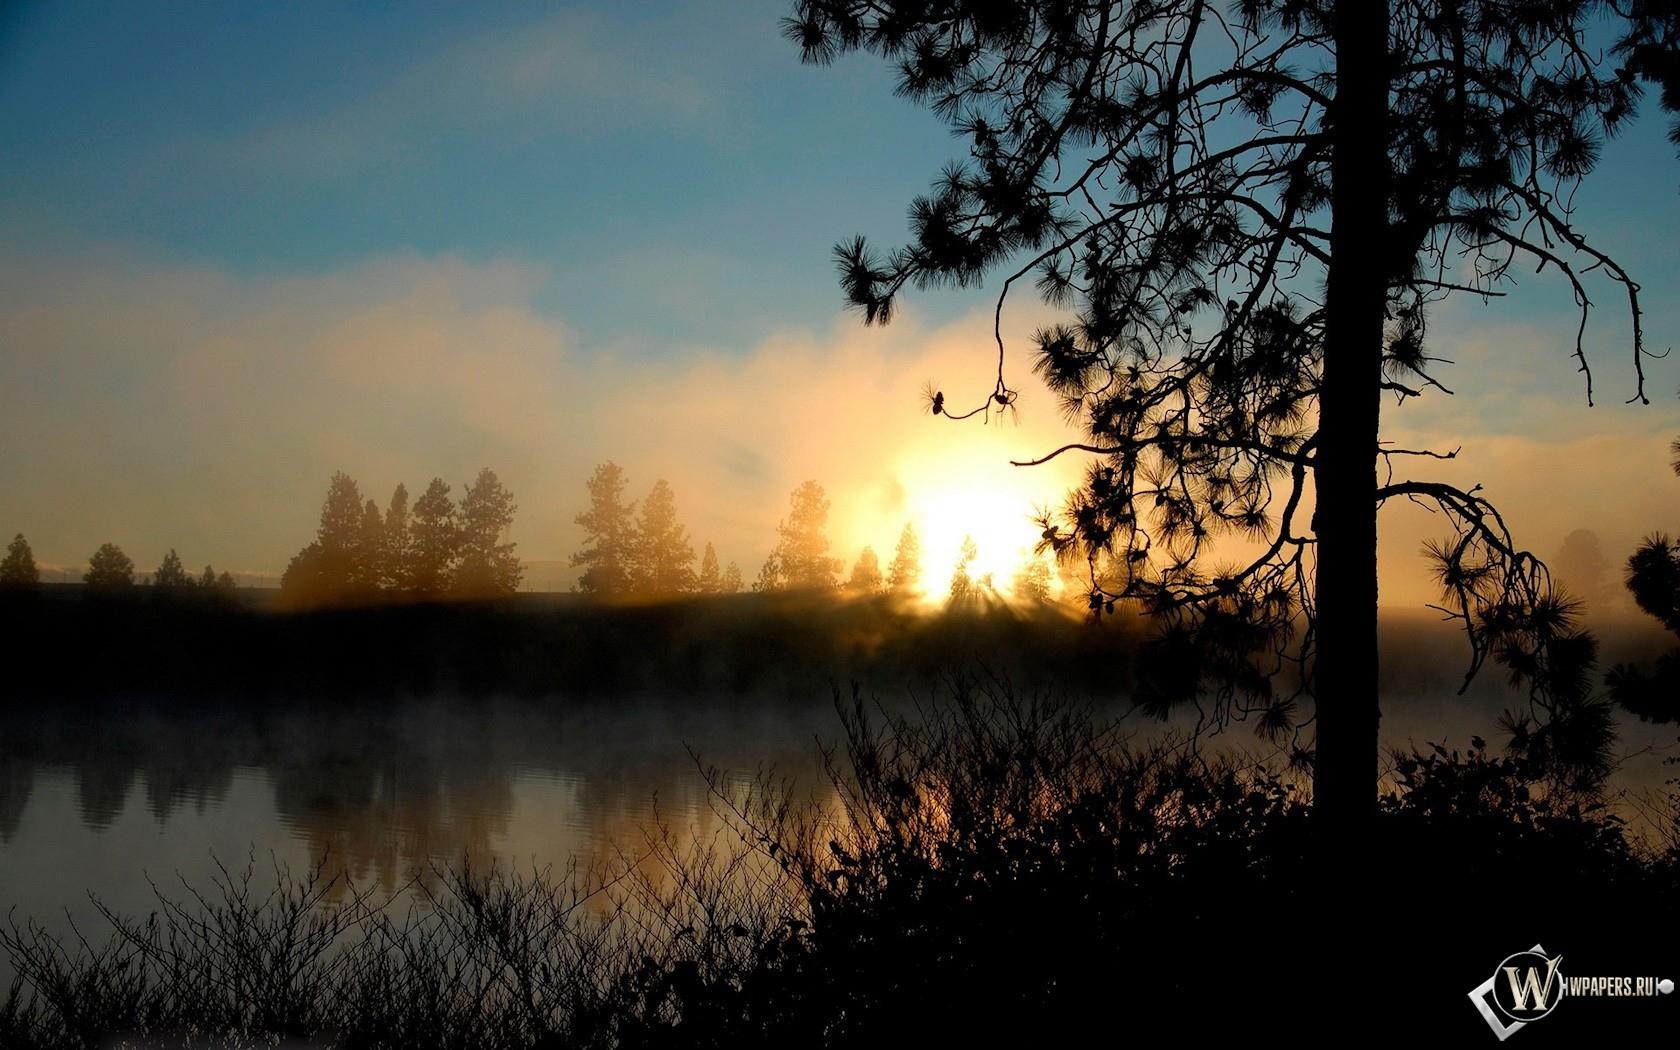 Рассвет над озером 1680x1050